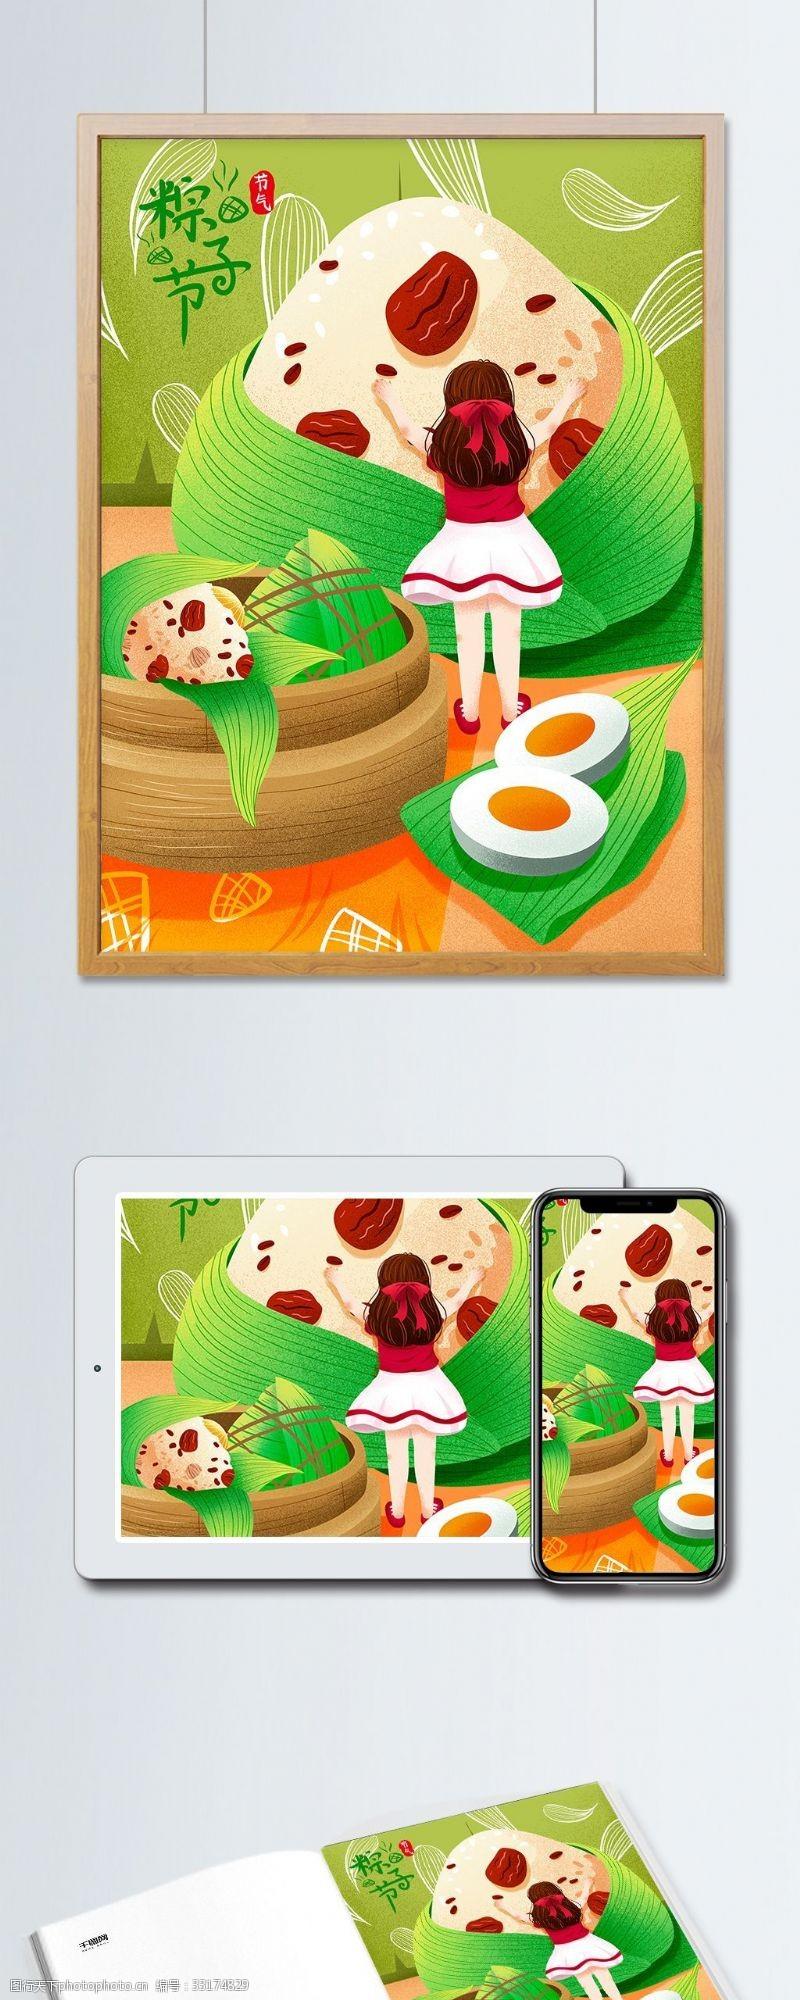 傳統節氣端午節美味粽子插畫